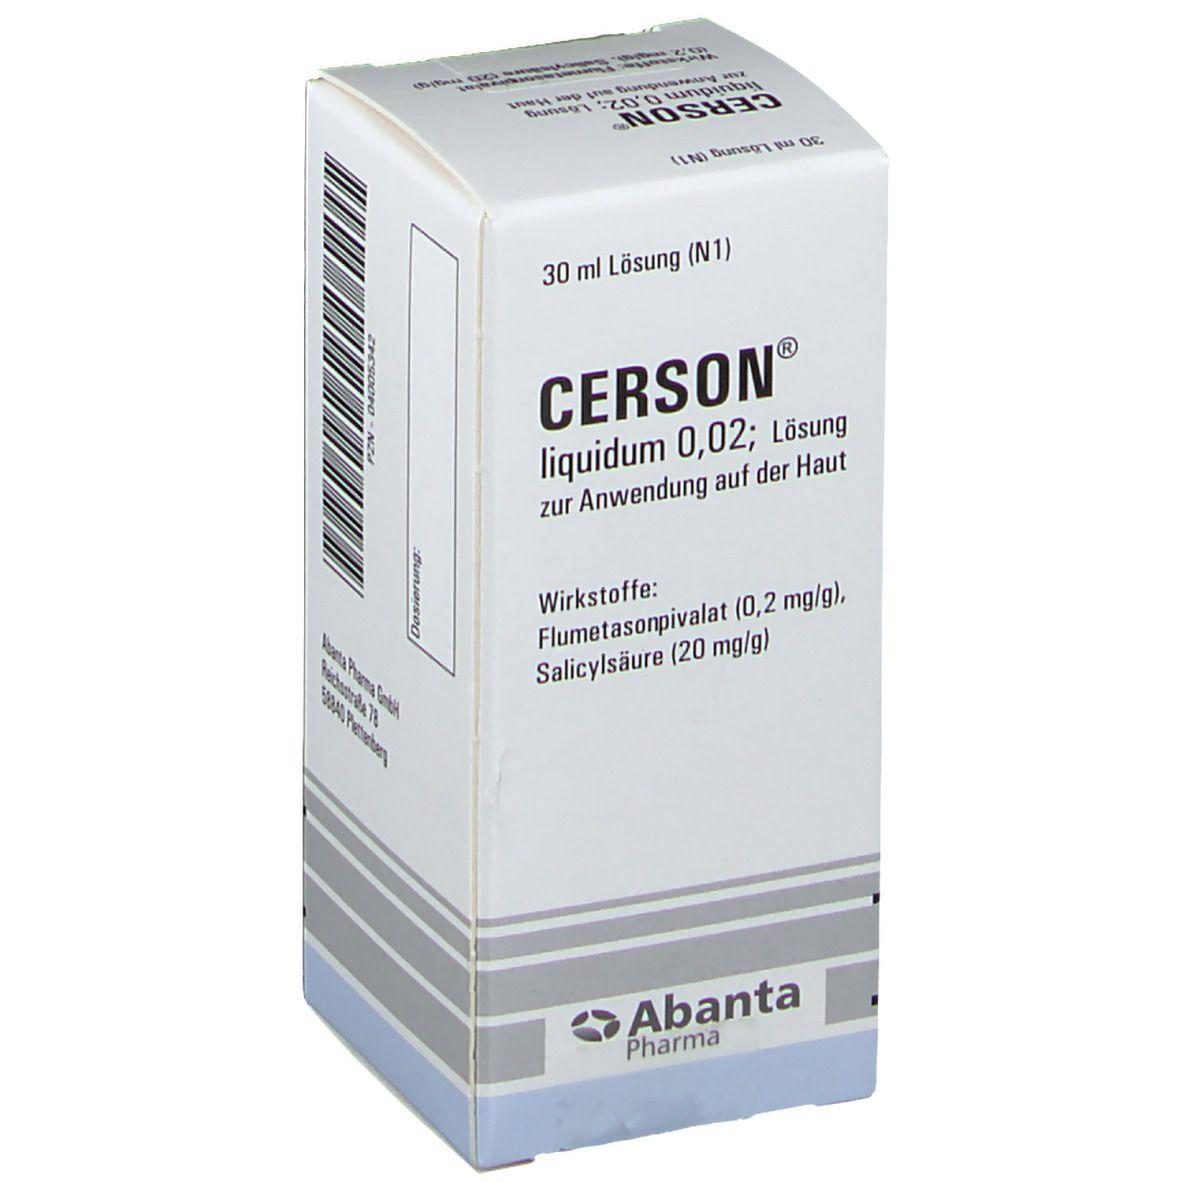 Cerson Liquidum 0,02